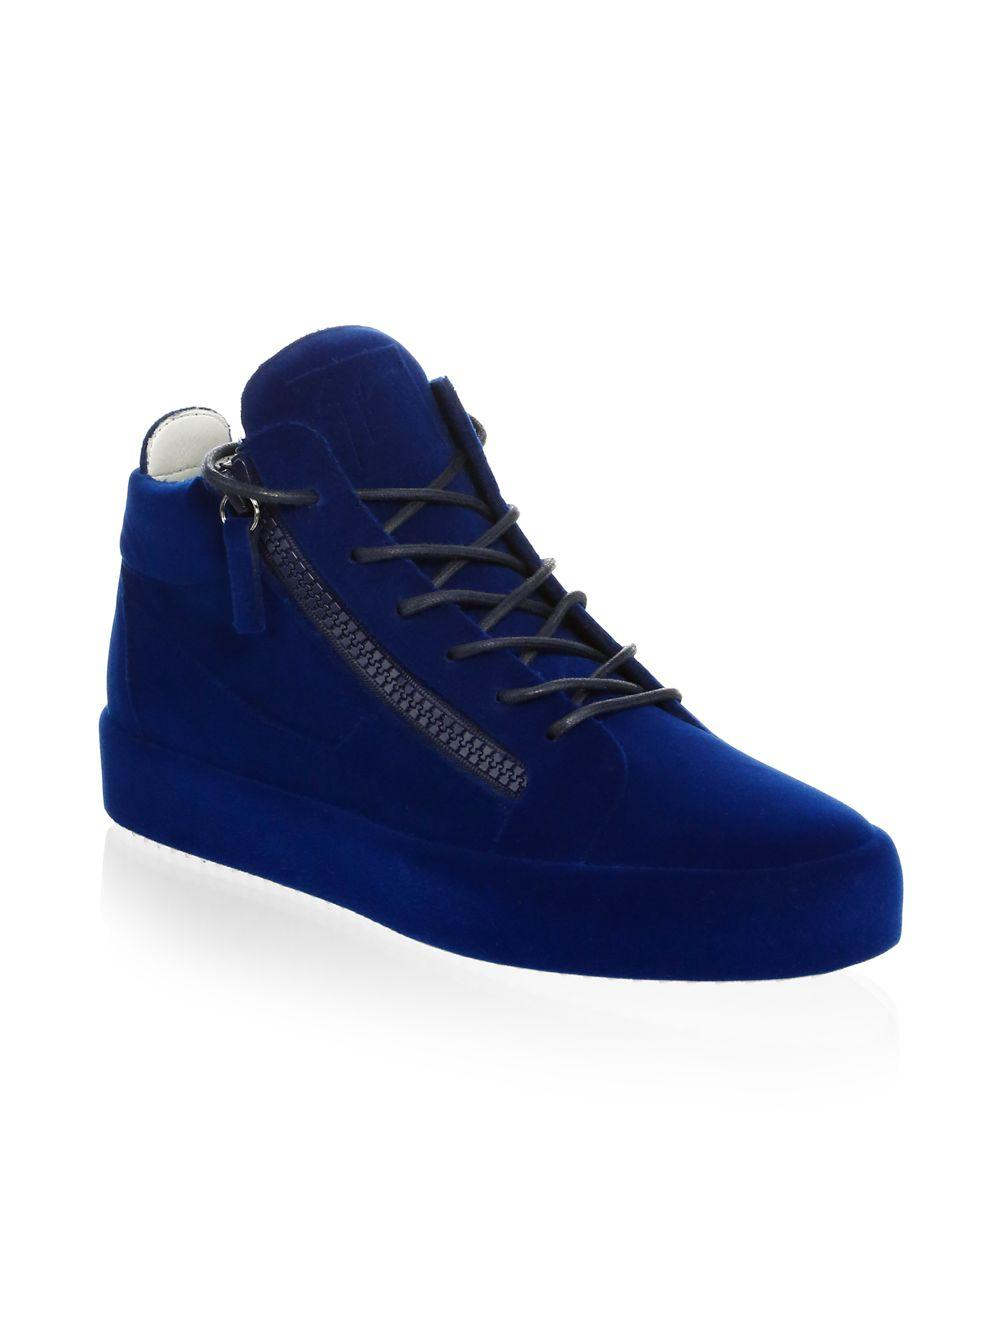 53fbb20d49a3b Giuseppe Zanotti Velvet Spray High-top Sneakers in Blue for Men ...